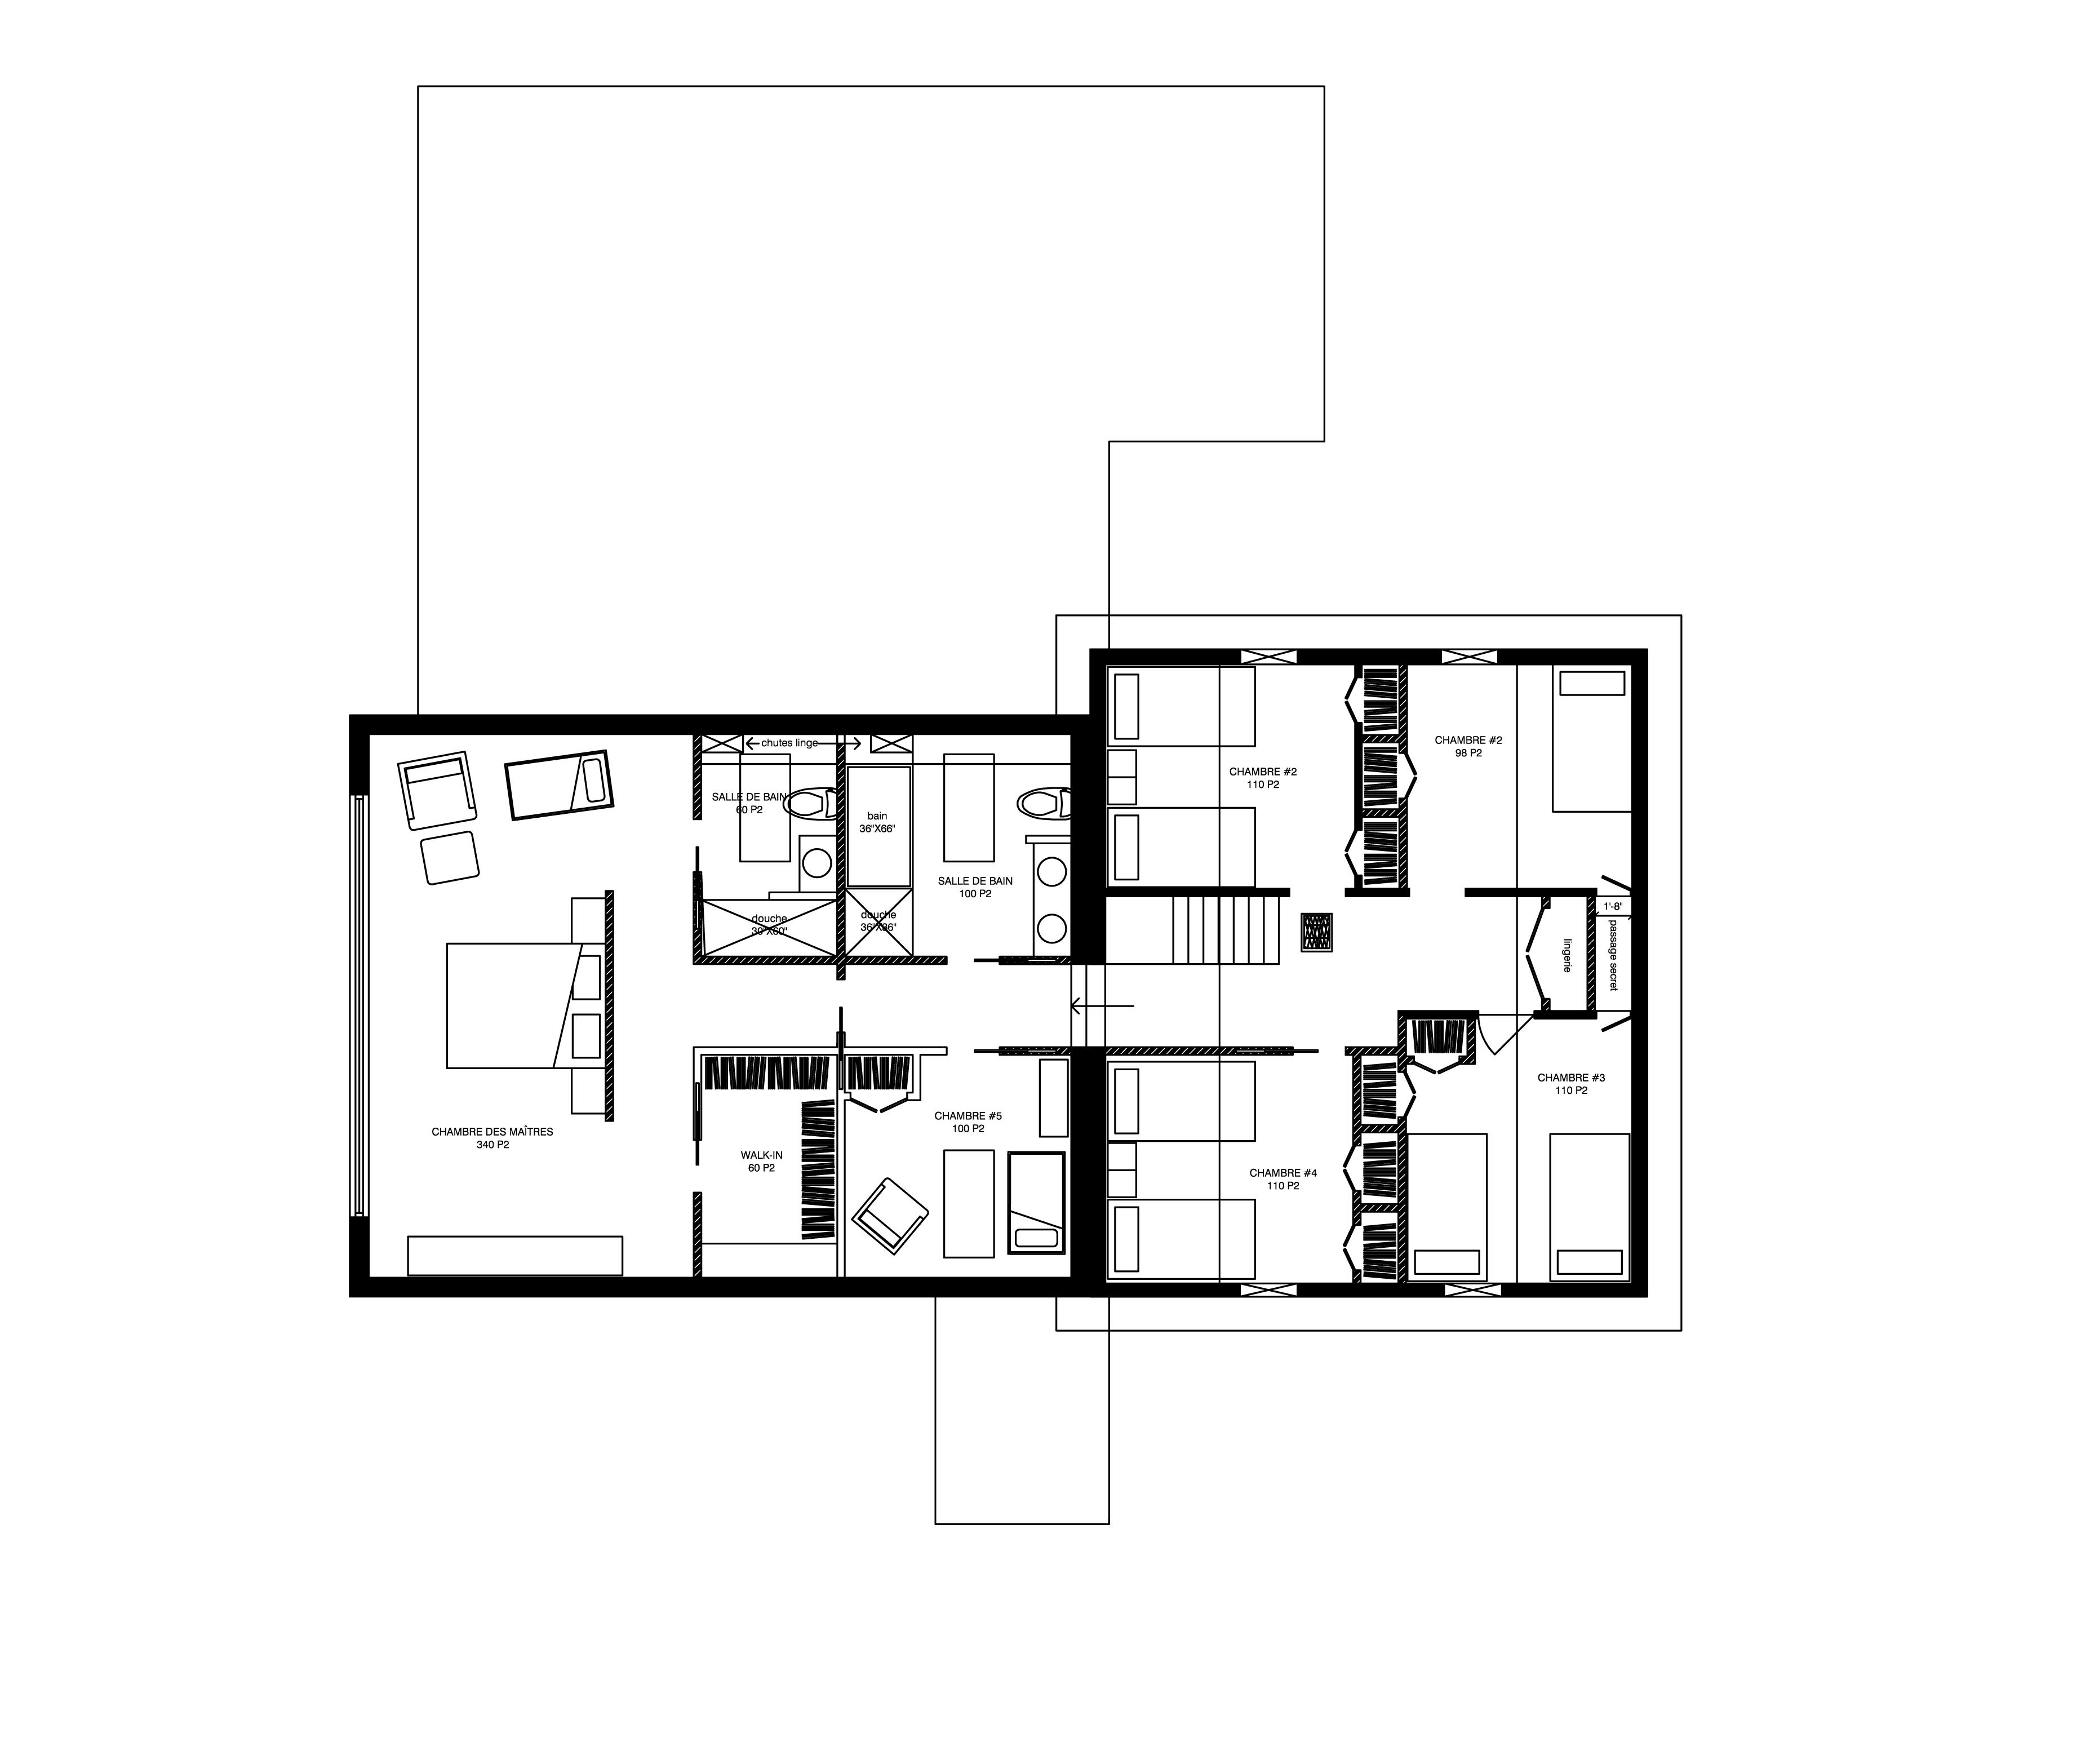 plan_2012-08-22 étage